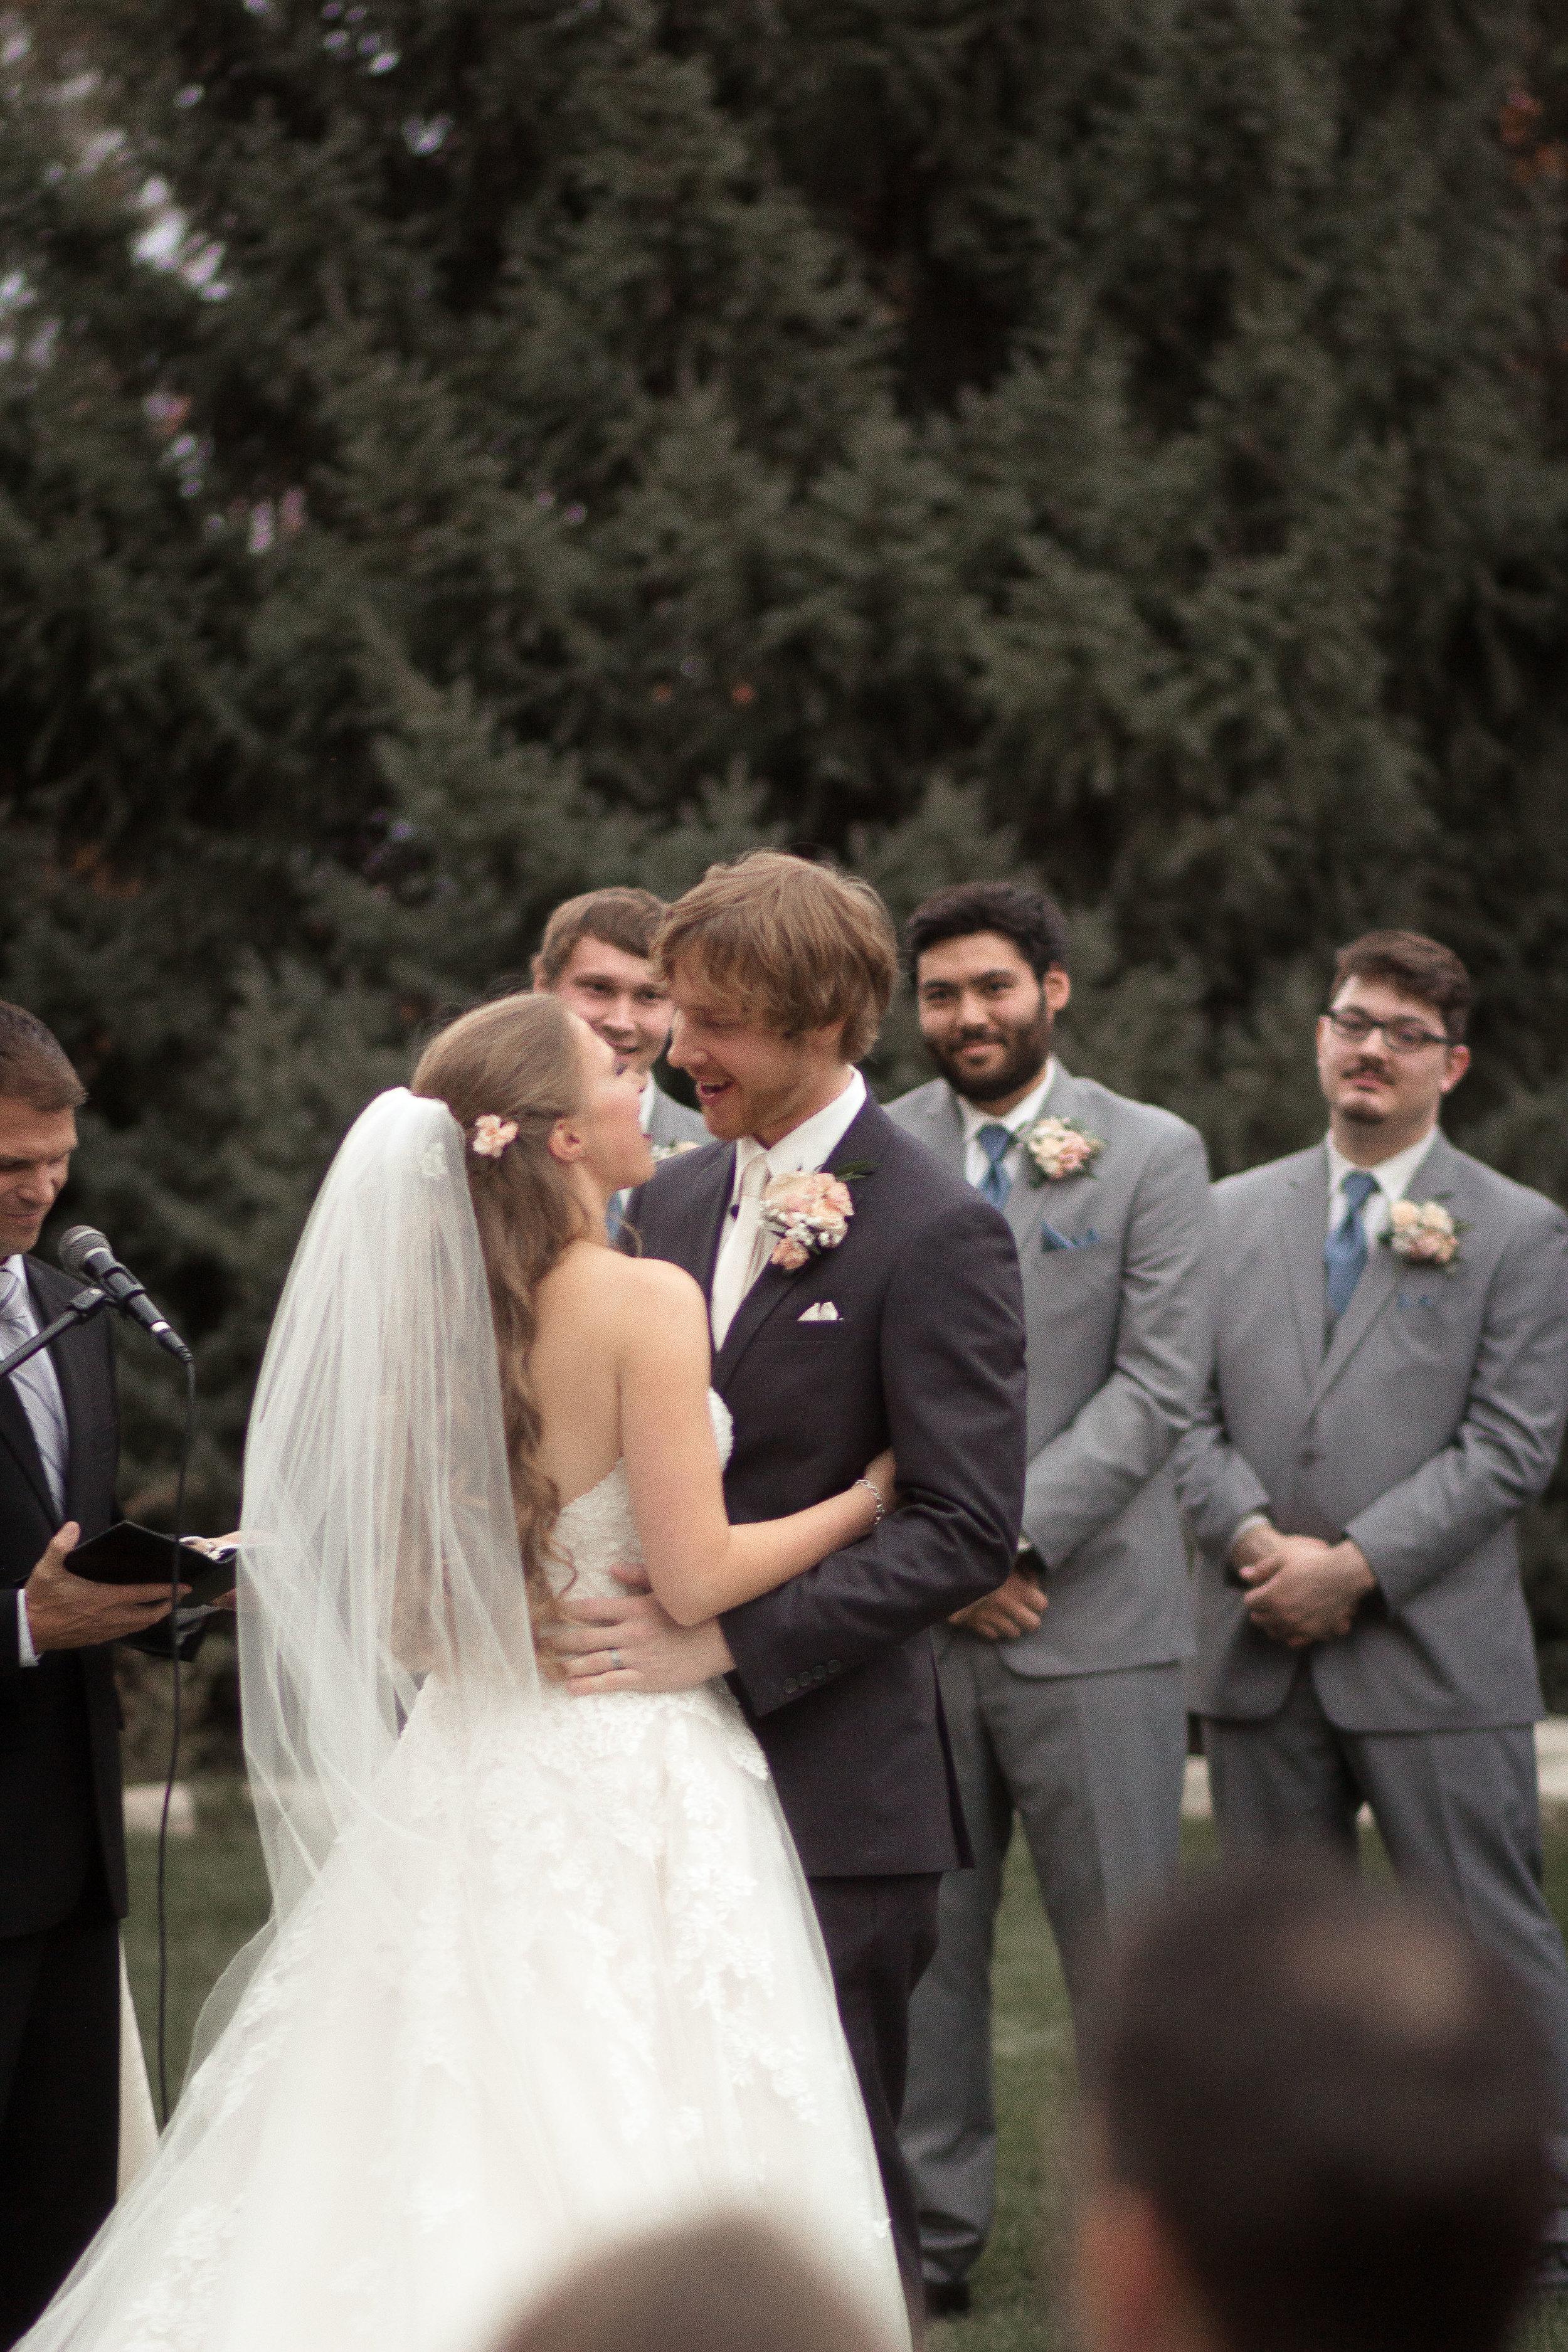 C_Wedding_Spellman, Megan & Tyler_10.27.18-1494.JPG